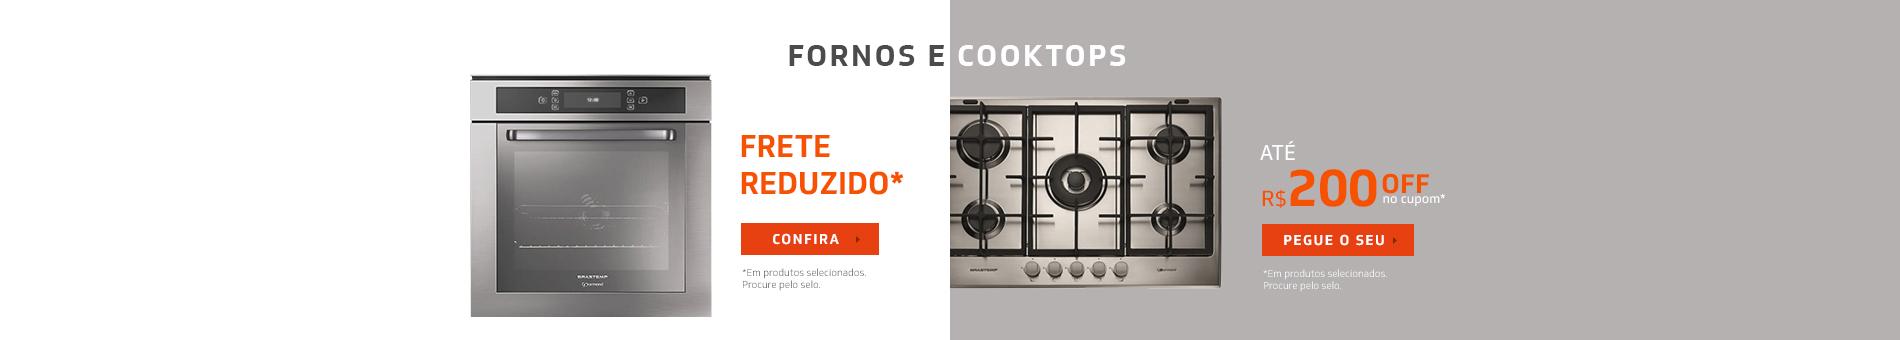 Promoção Interna - 2132 - camp-brastemp_geladeiras-fogoes-duplo_17102017_home3 - forno-cooktop-duplo - 3